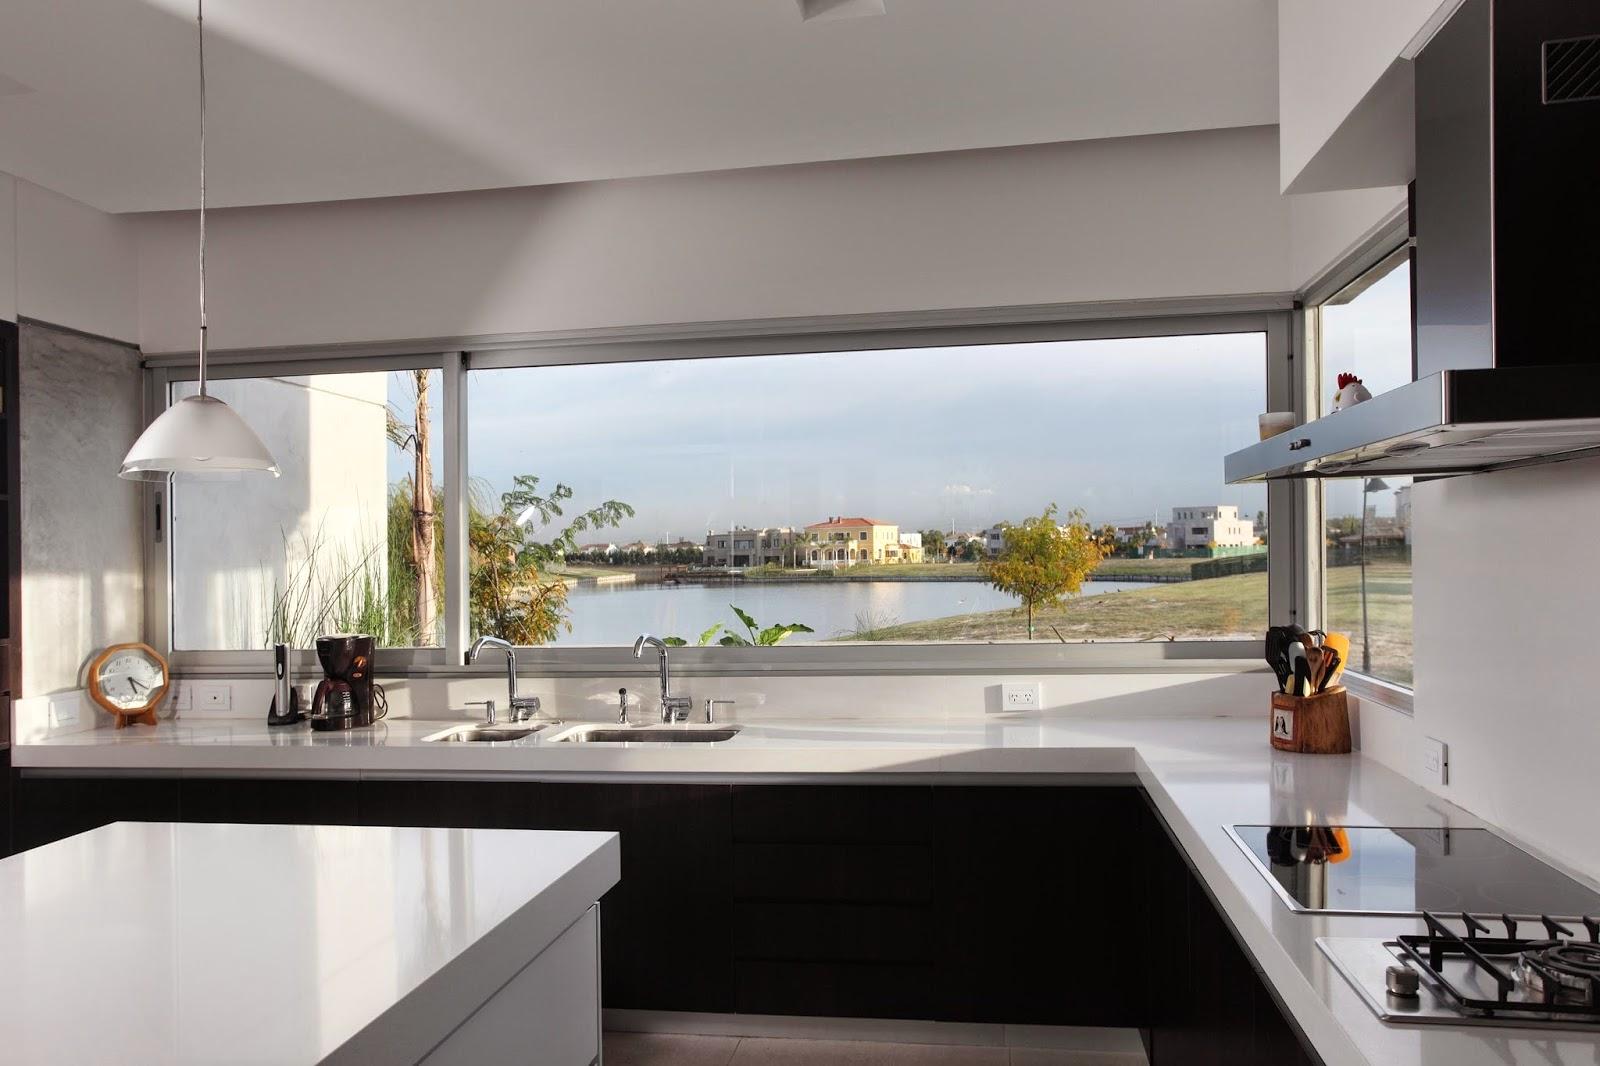 Modern House Interior Kitchen modern minimalist house interior